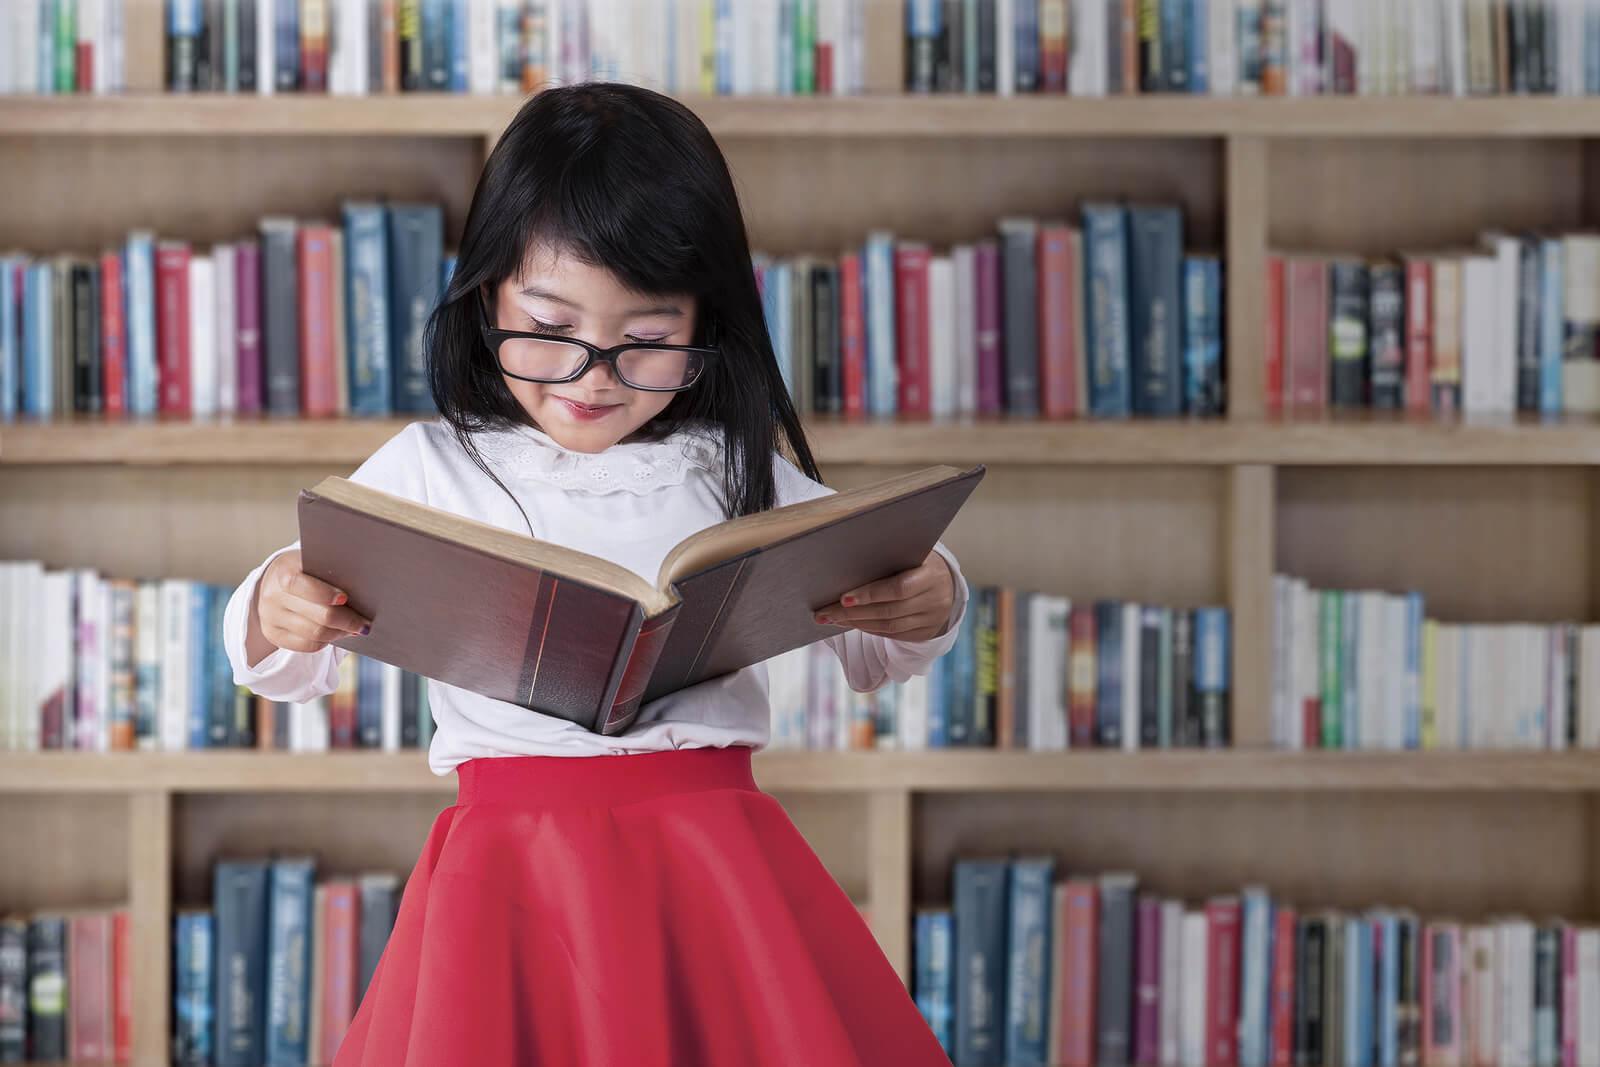 bigstock-schoolgirl-reads-book-in-libra-73221412_overlay1-1